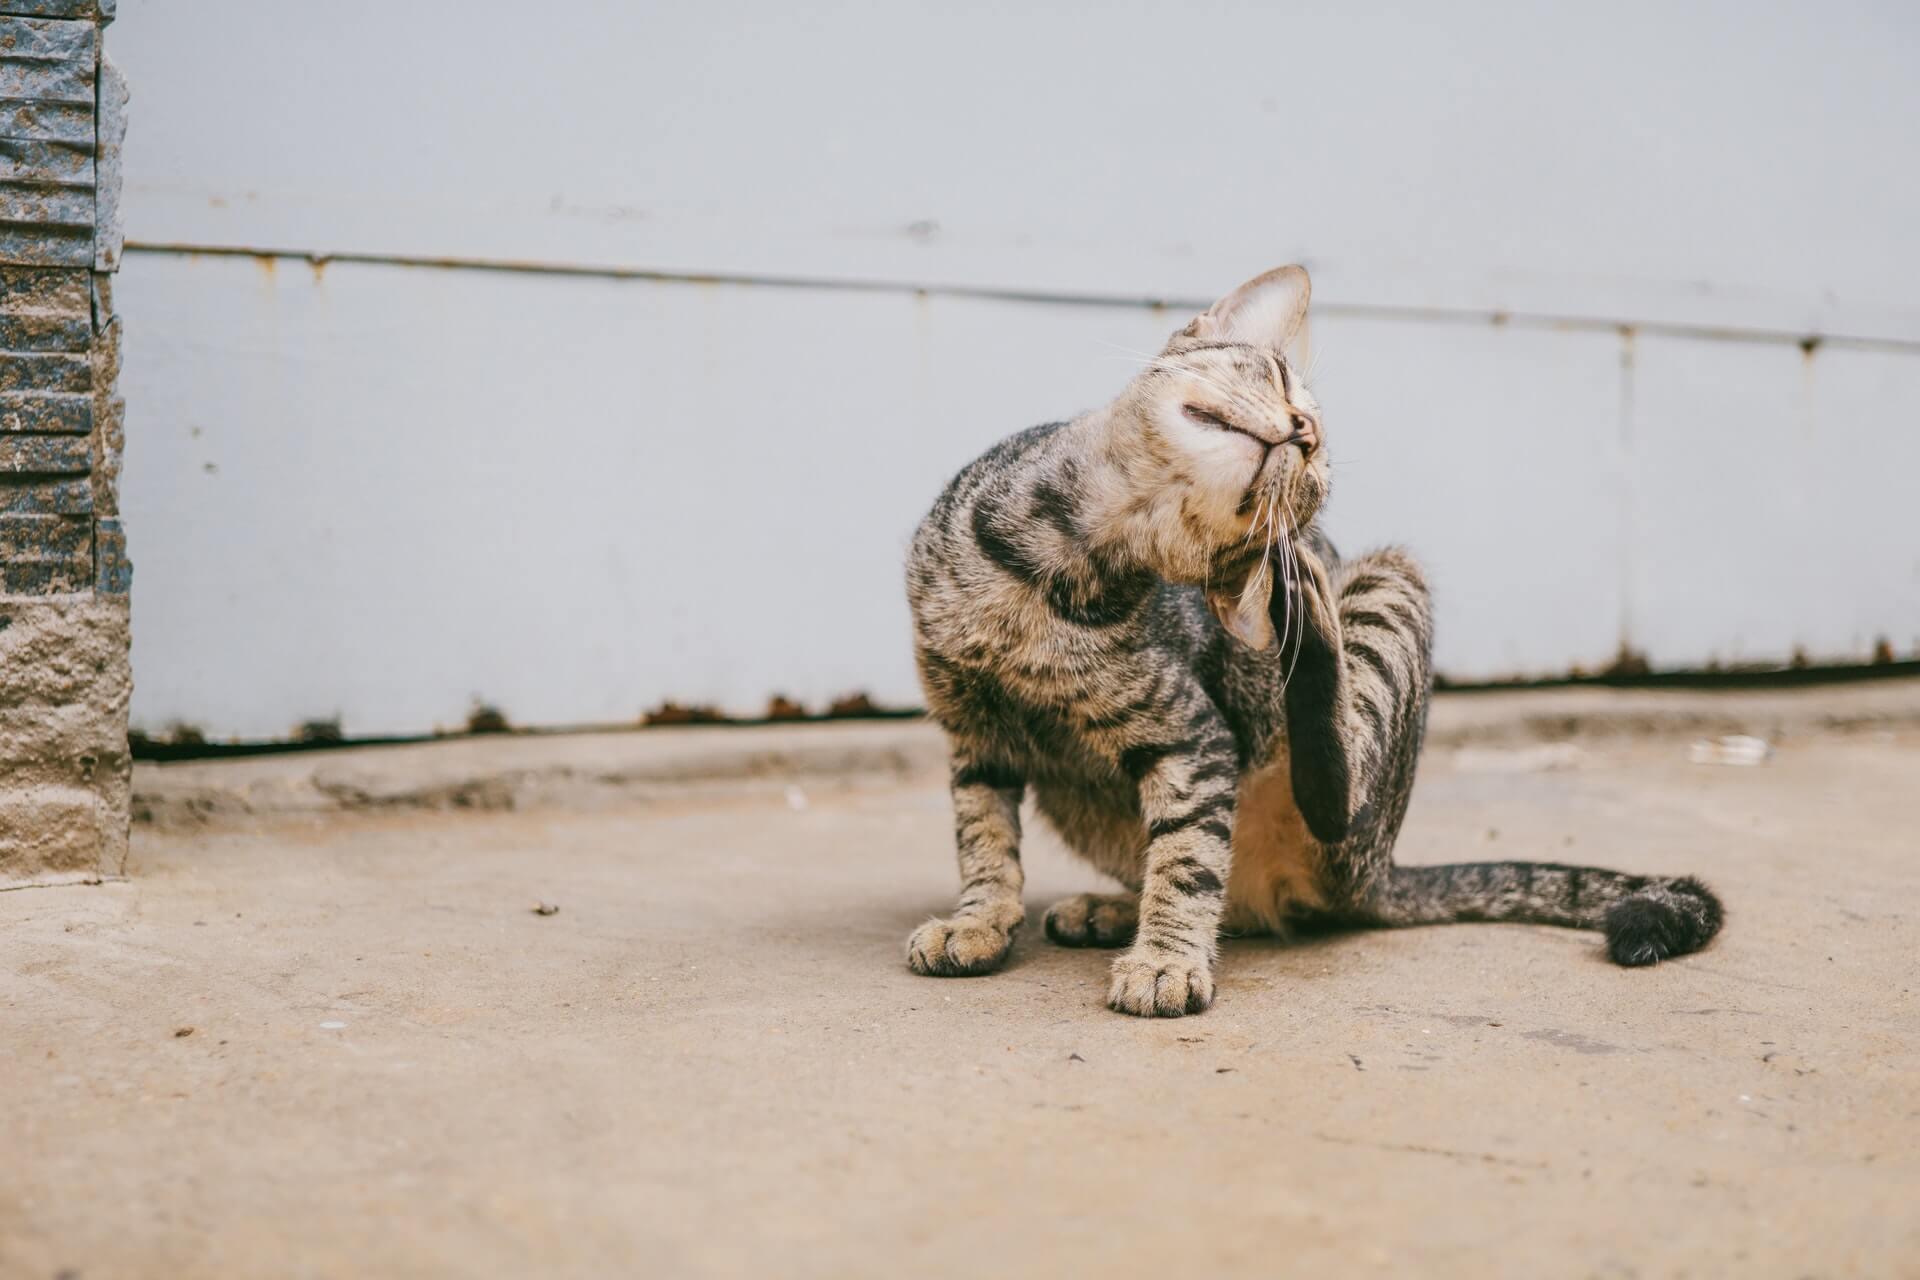 Flöhe bei Haustieren